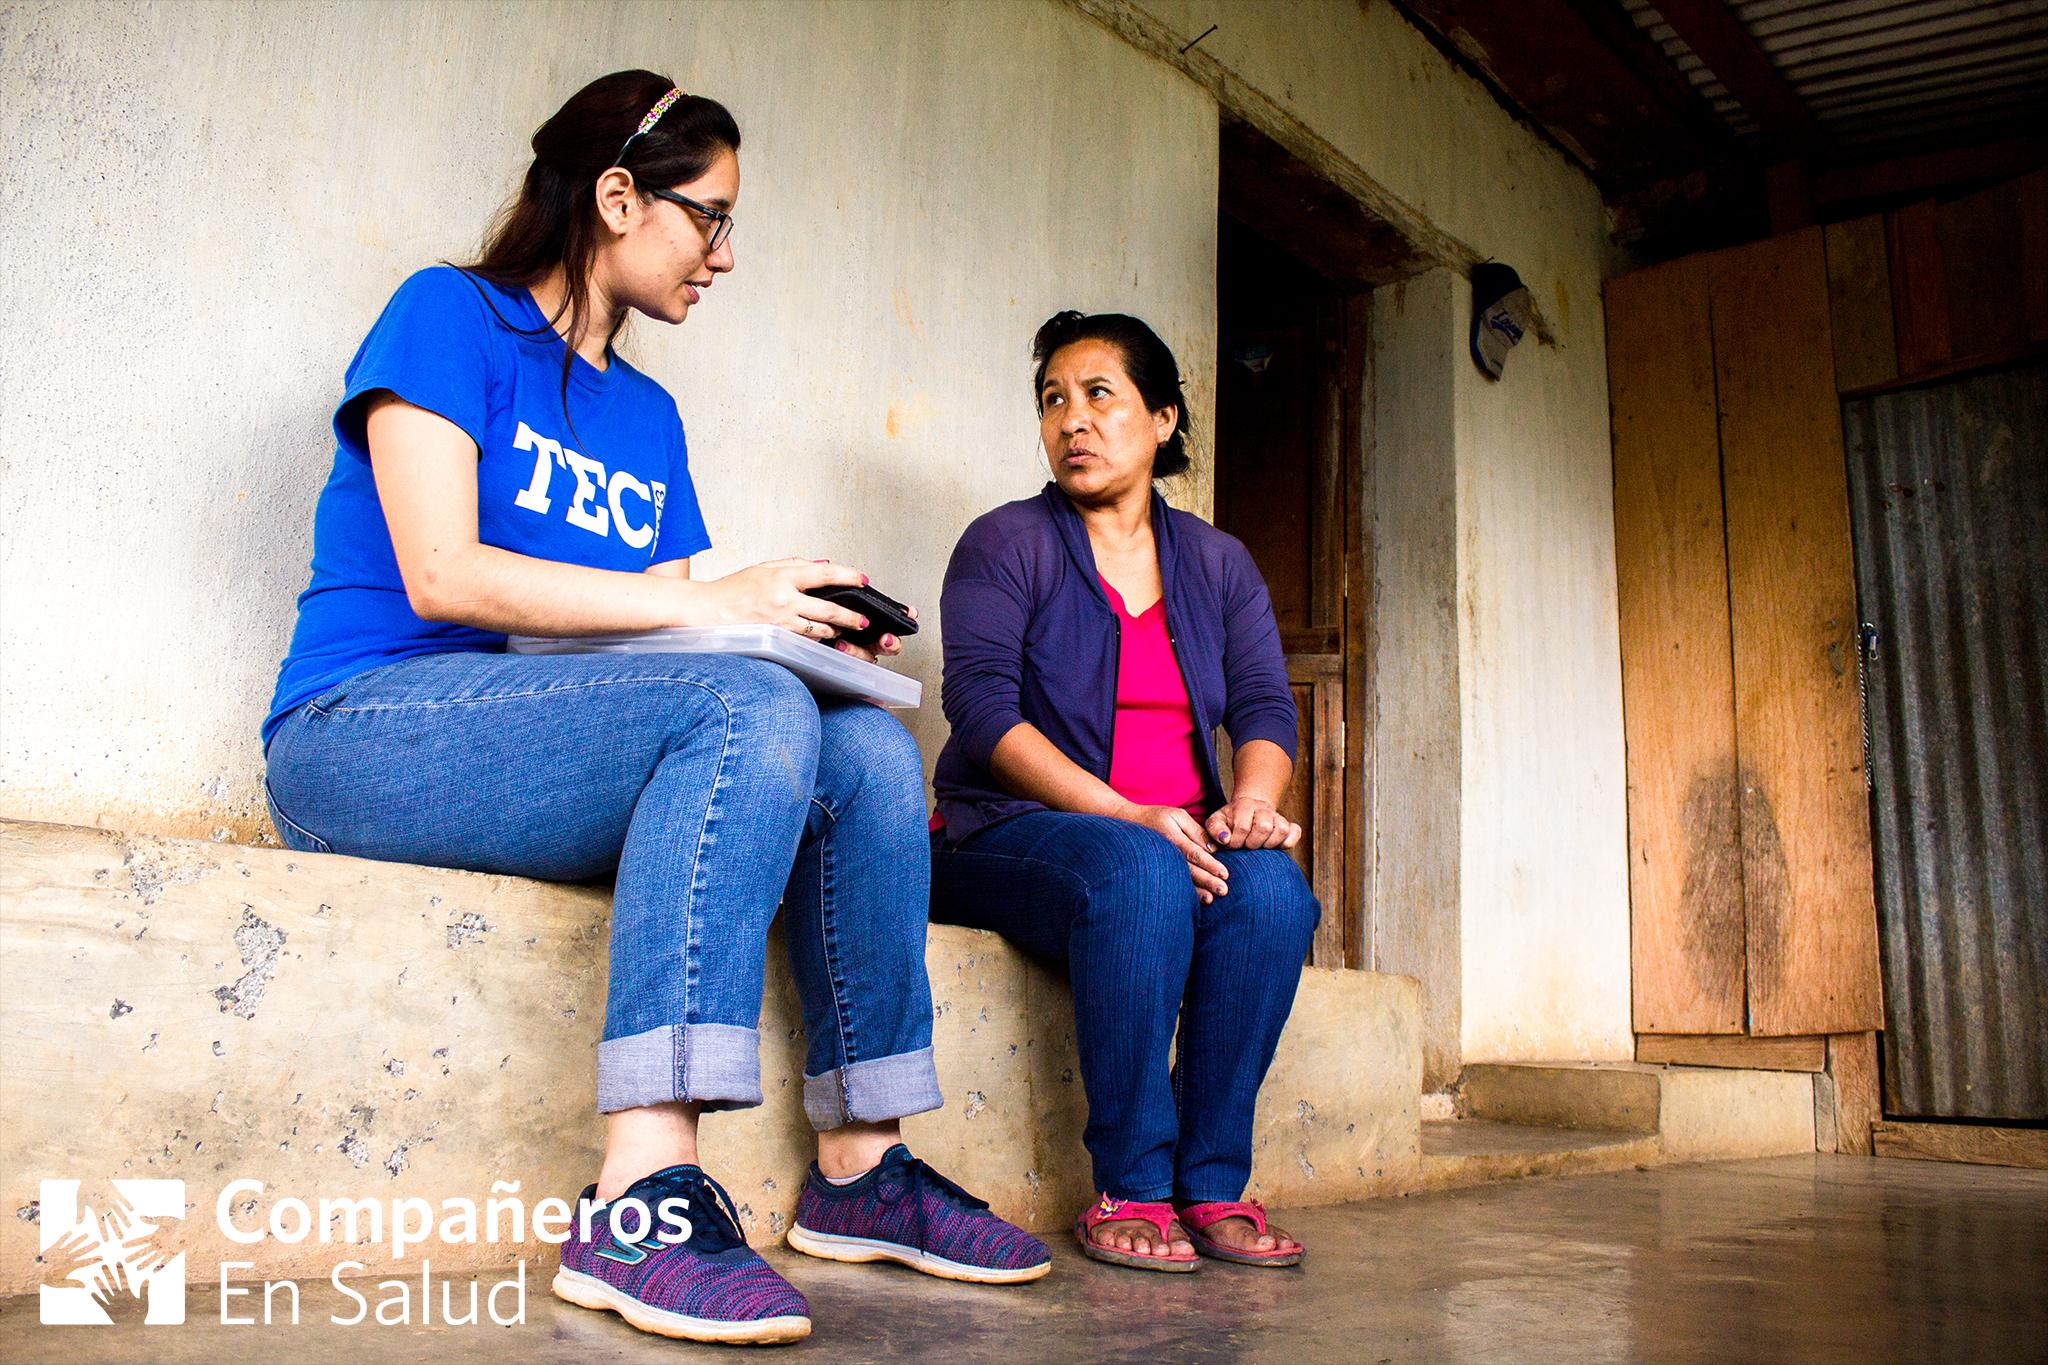 En cada casa, realizamos encuestas de salud a cada miembro de la familia.  Foto: Doña Maricela (derecha) recibe a Elizabeth Corzo en su casa para una encuesta.Foto por Rodrigo Noguez Tamayo